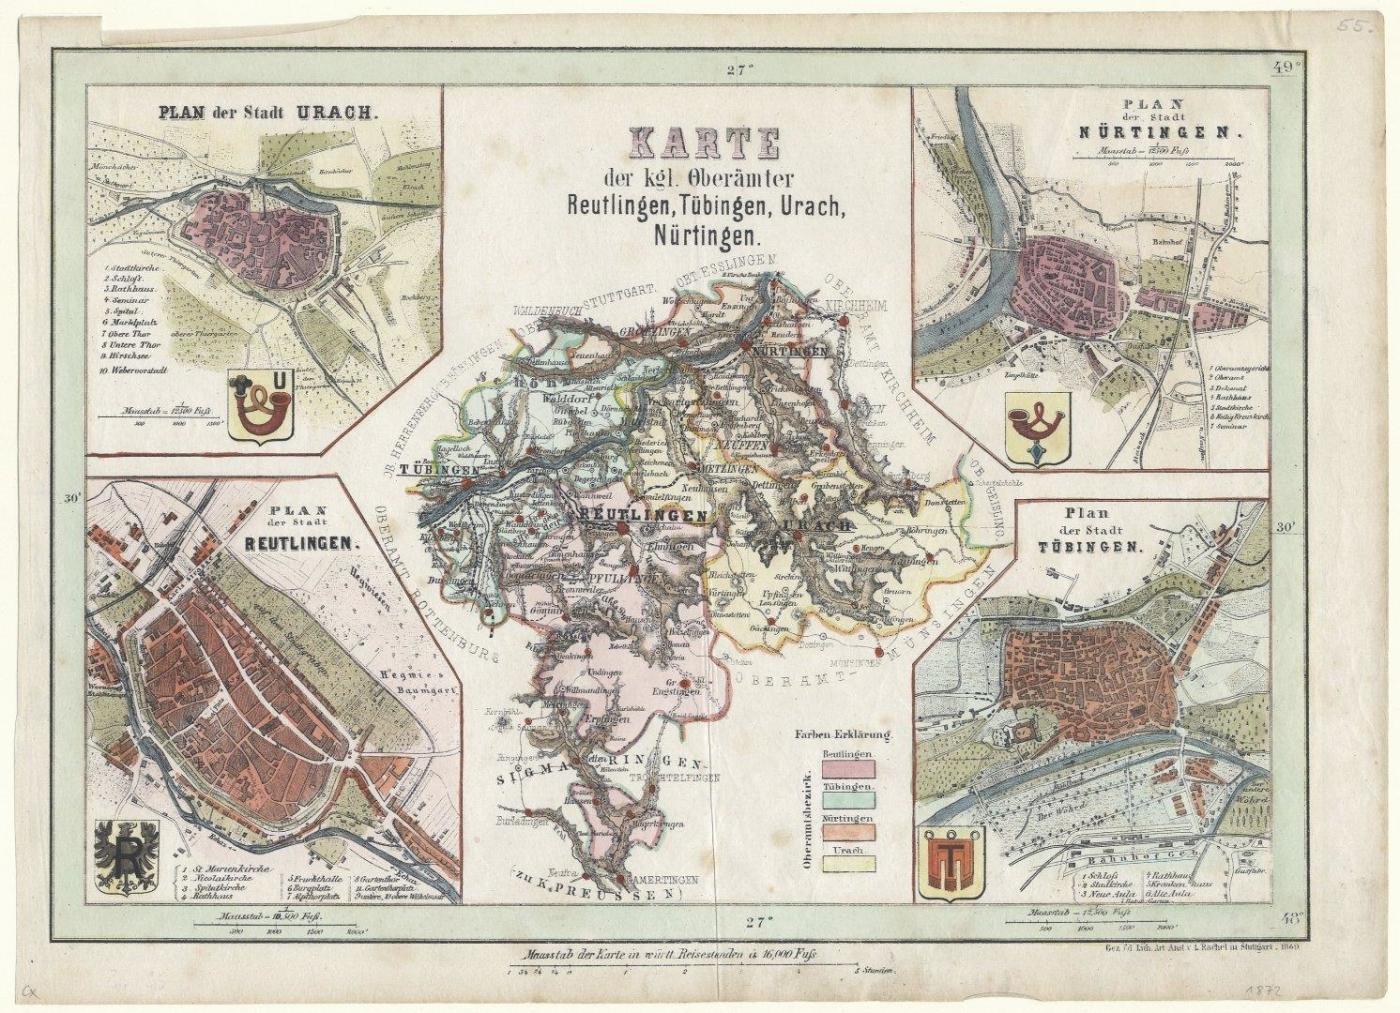 Reutlingen Tubingen Stadtplan Karte Der Kgl Oberamter